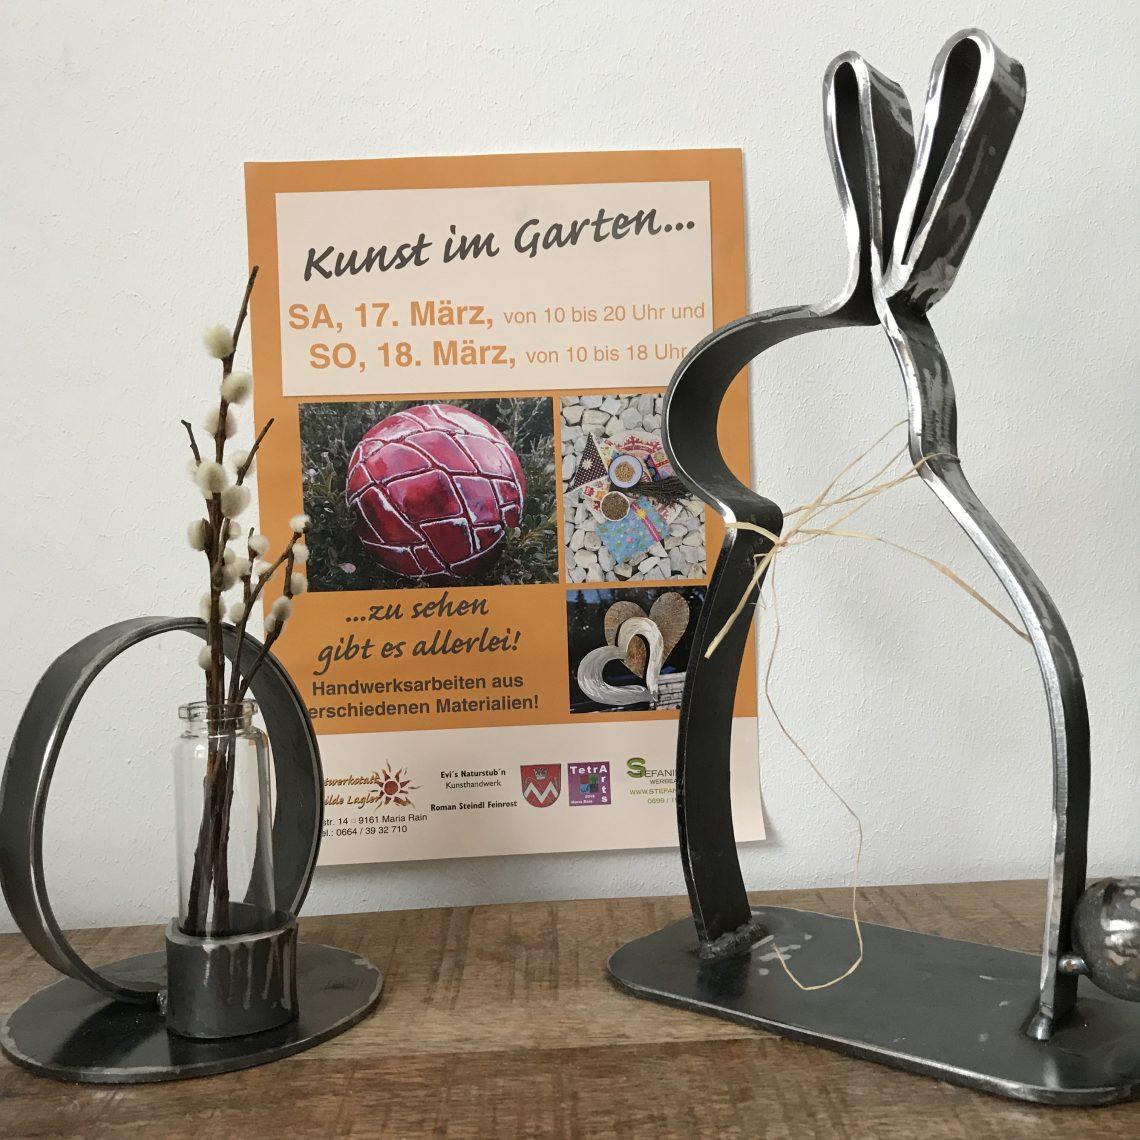 Ostermarkt Kunst im Garten mit Feinrost